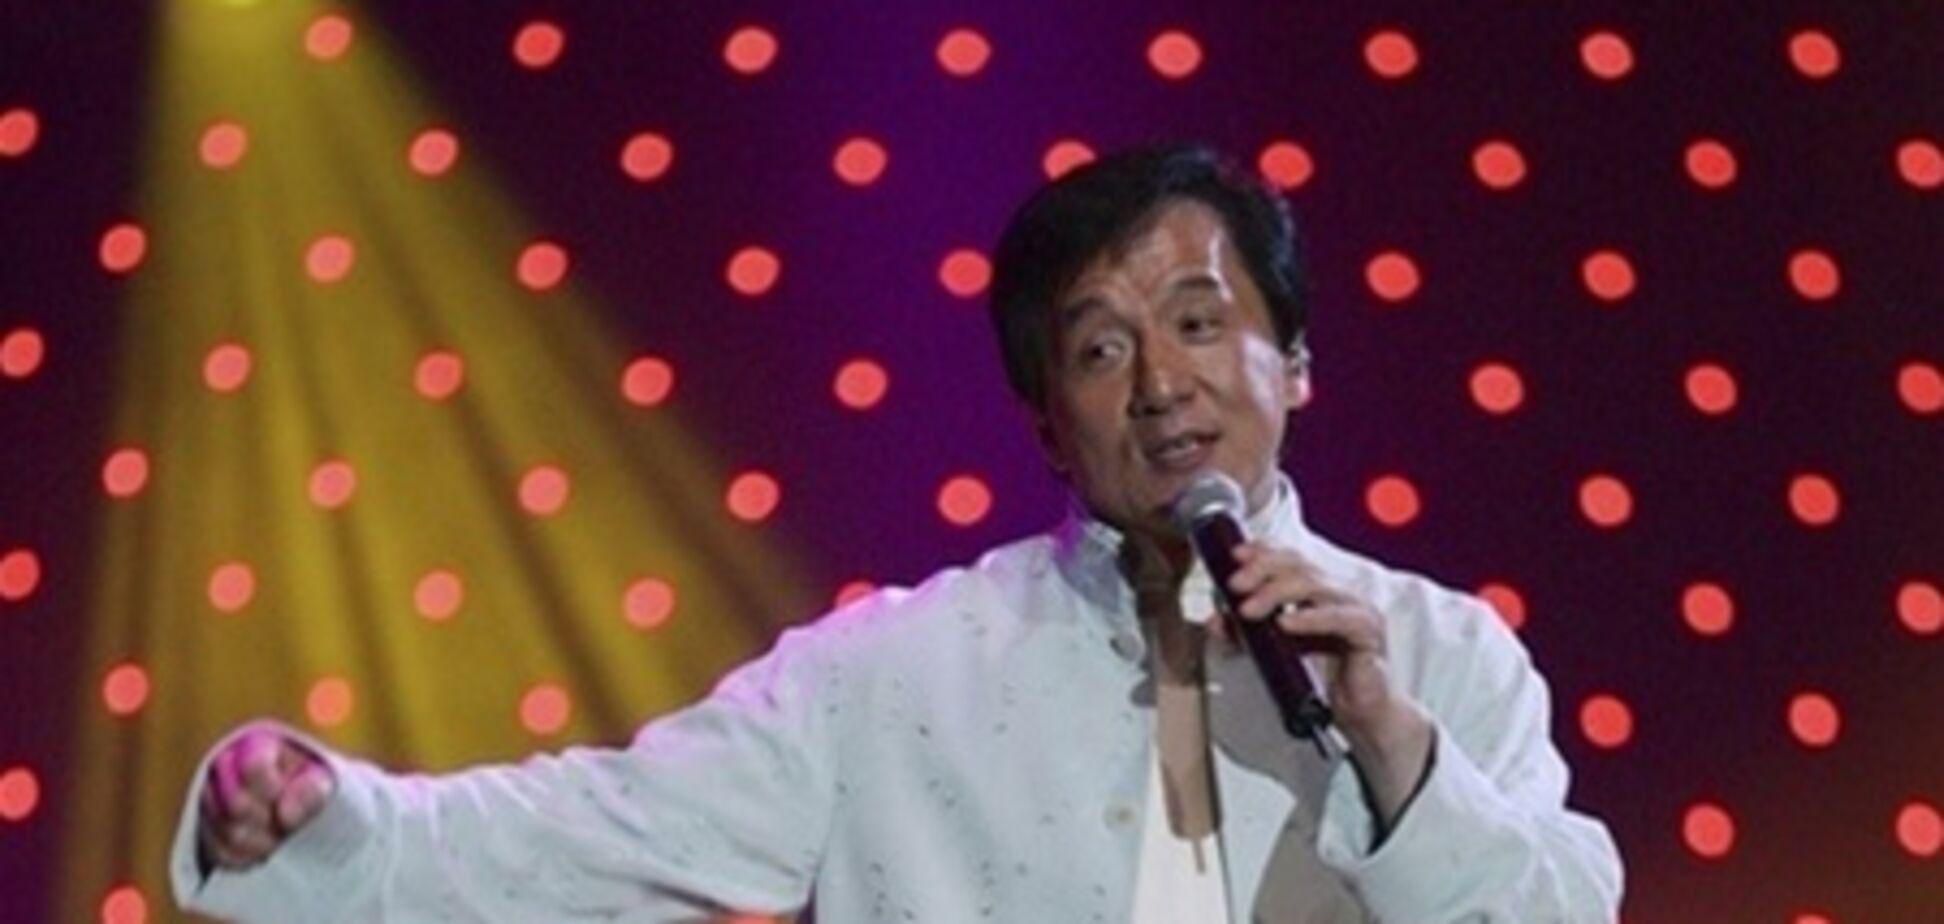 Джеки Чан пишет мюзикл о себе